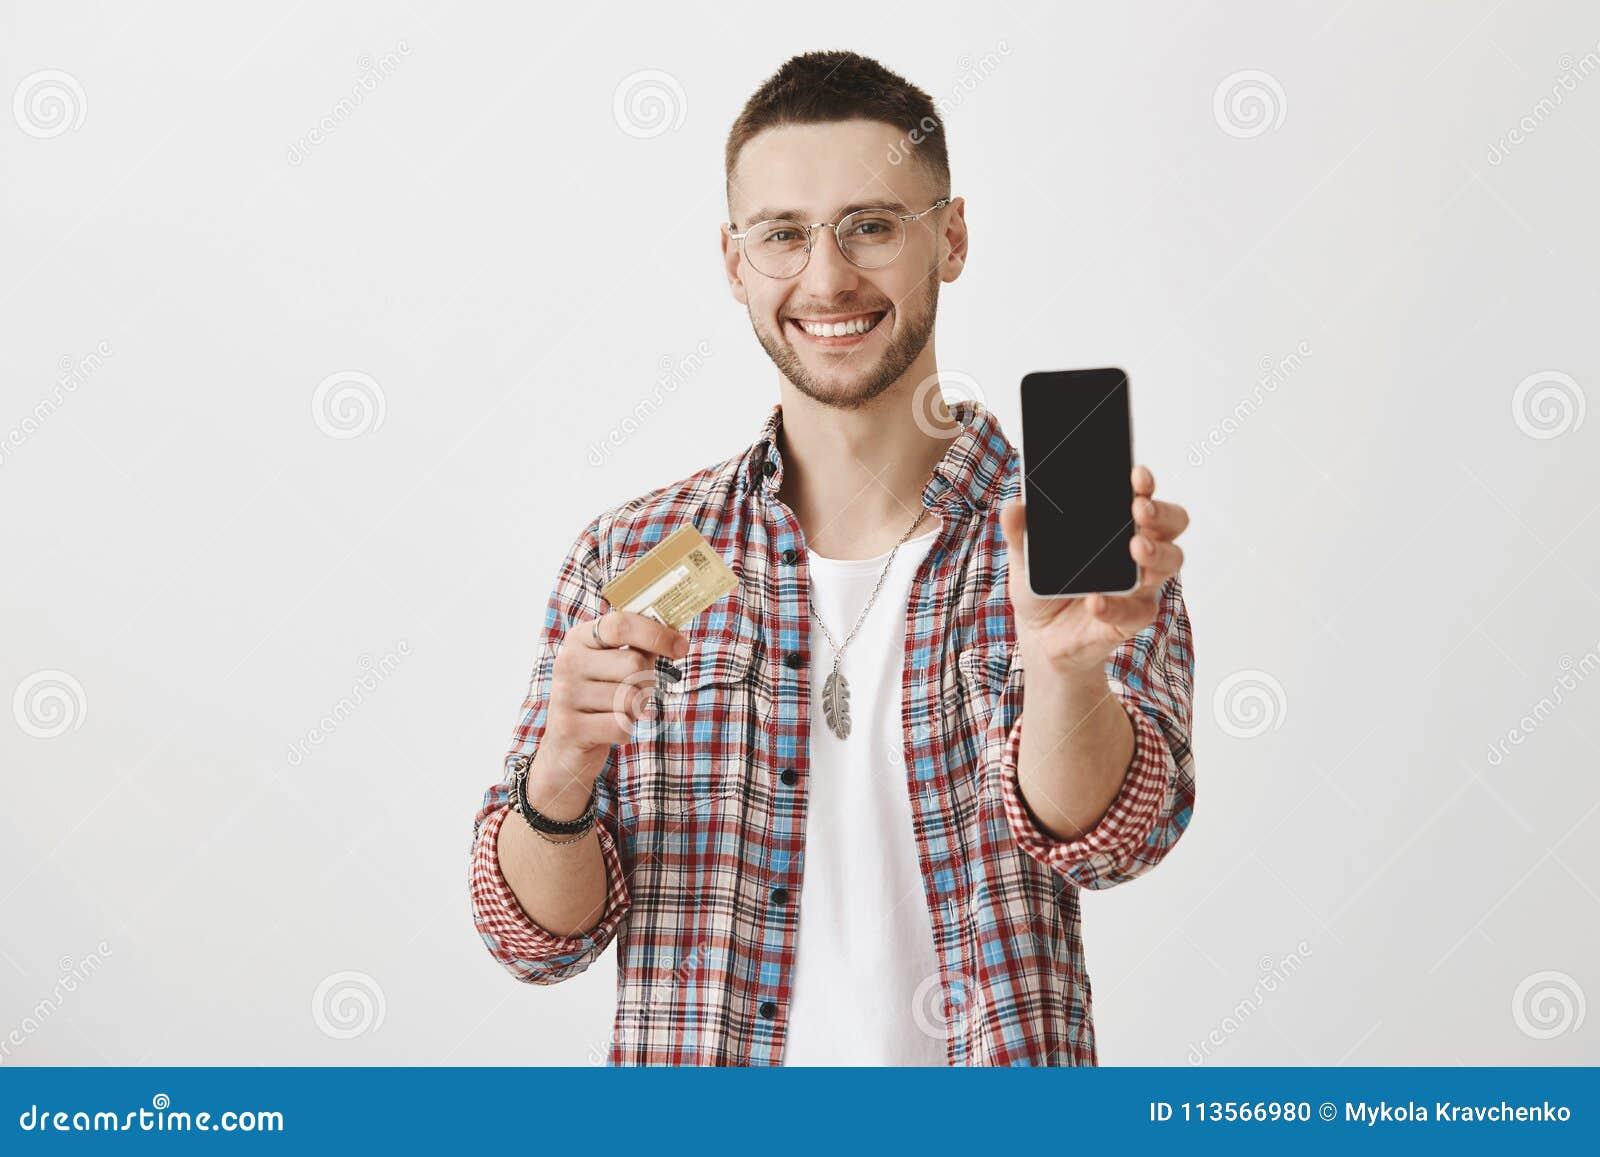 Chwyta twój kredytową kartę i kupuje ten telefon Portret atrakcyjny zadowolony młody człowiek z szczecina i eyewear, ciągnie